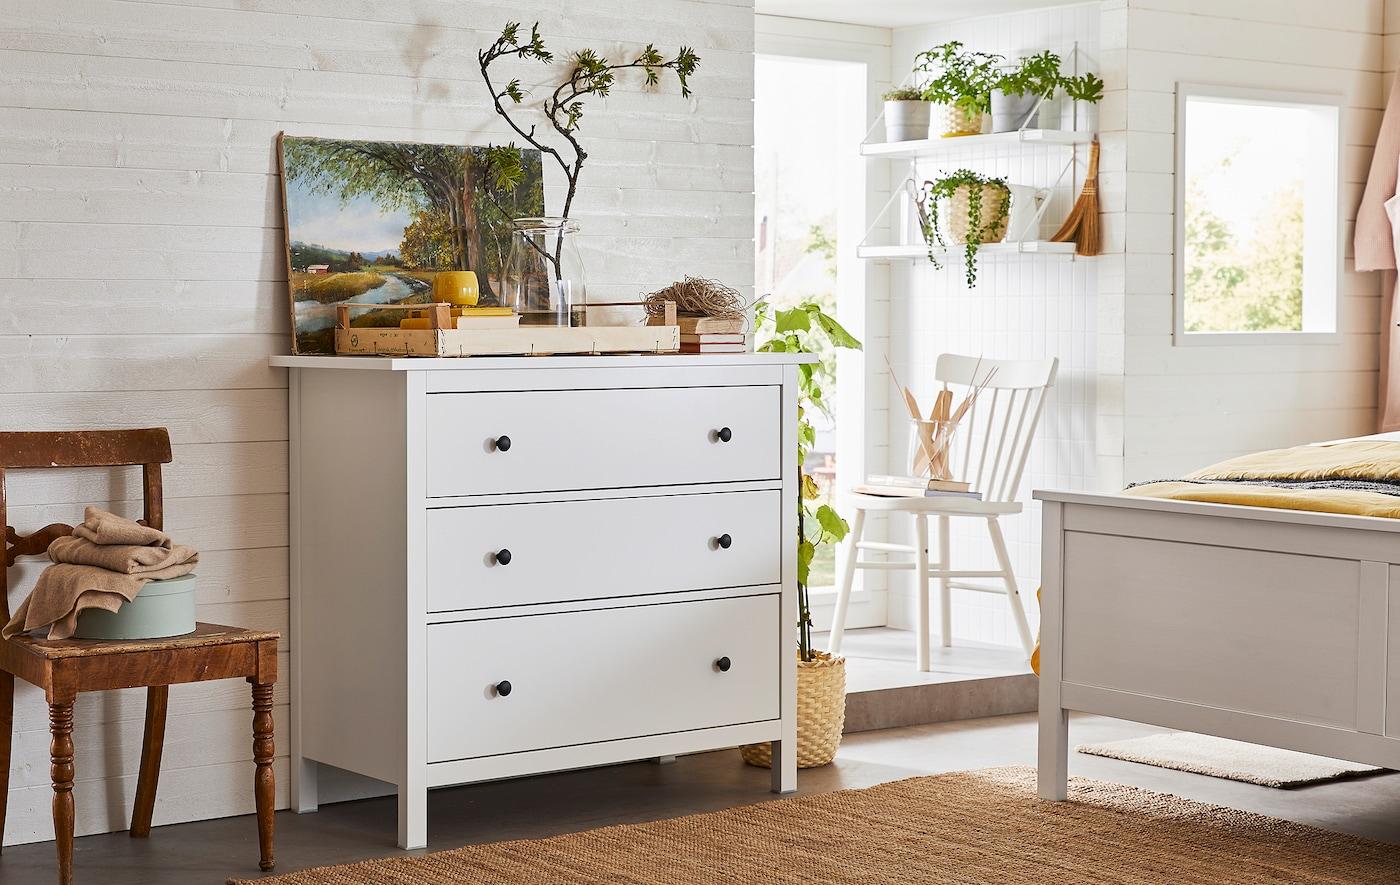 Un intérieur de chambre à coucher dominé par du bois et des plantes vertes, une commode à trois tiroirs à côté d'un pied de lit.